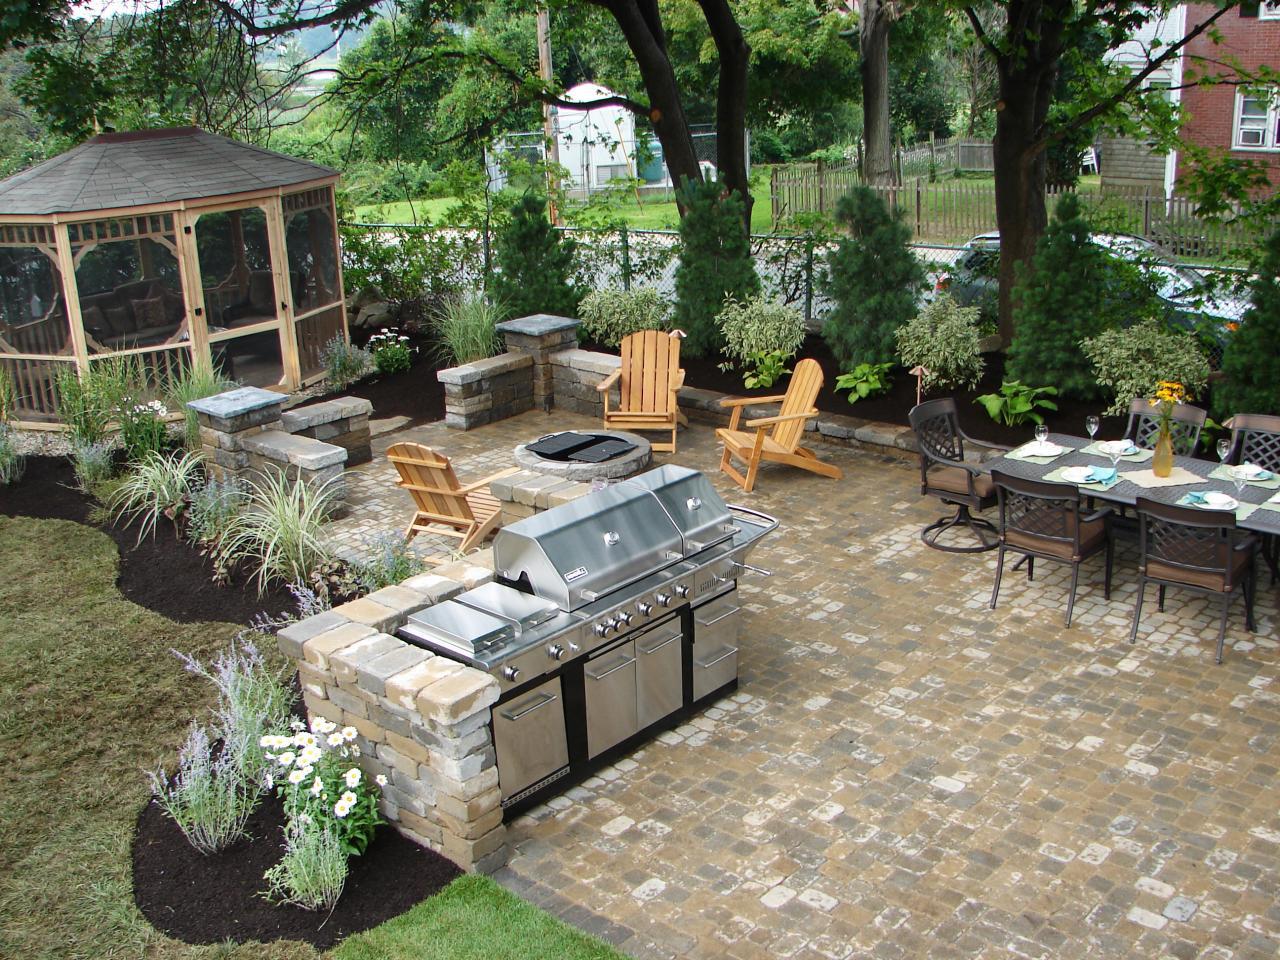 This DIY Backyard Pergola Is the Ultimate Summer Hangout Spot This DIY Backyard Pergola Is the Ultimate Summer Hangout Spot new foto